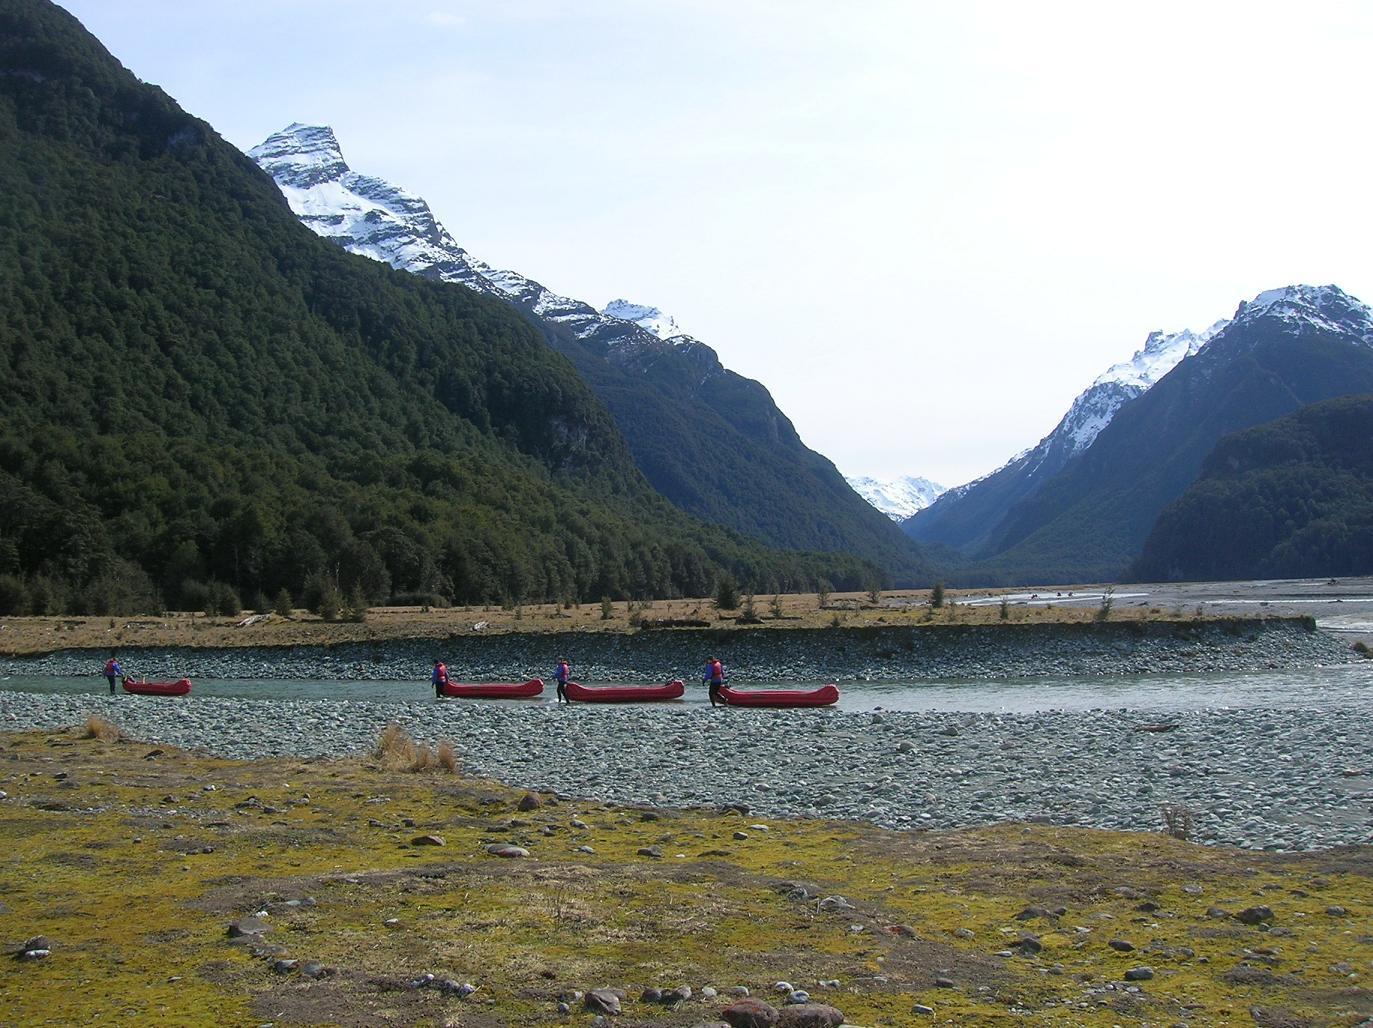 Männer und ihre Boote